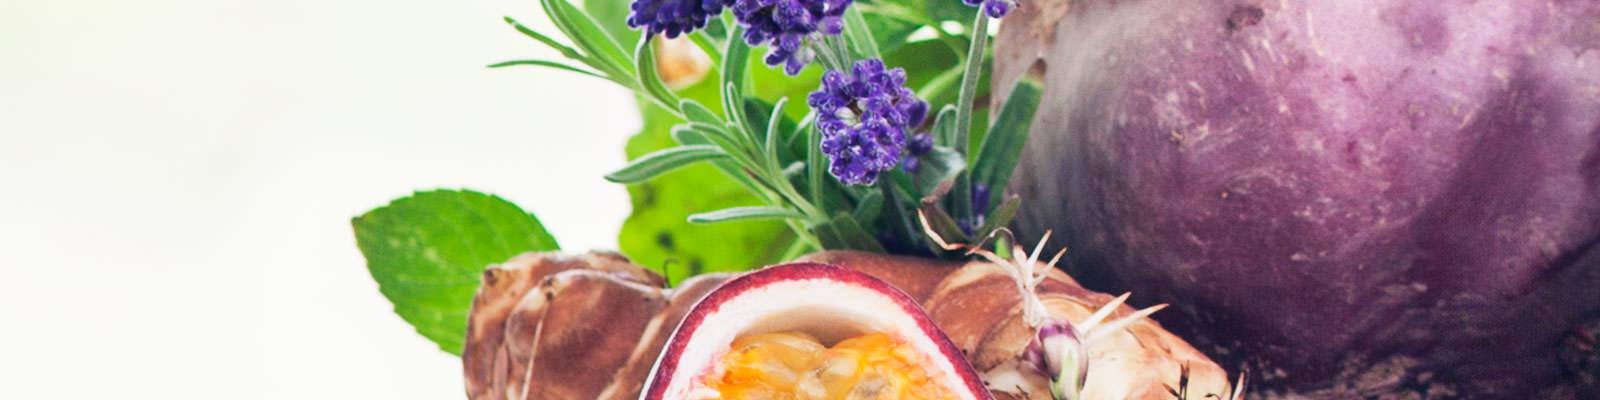 Mit Rote Bete, Topinambur, Kräuter-Gewürzextrakt und Passionsfrucht